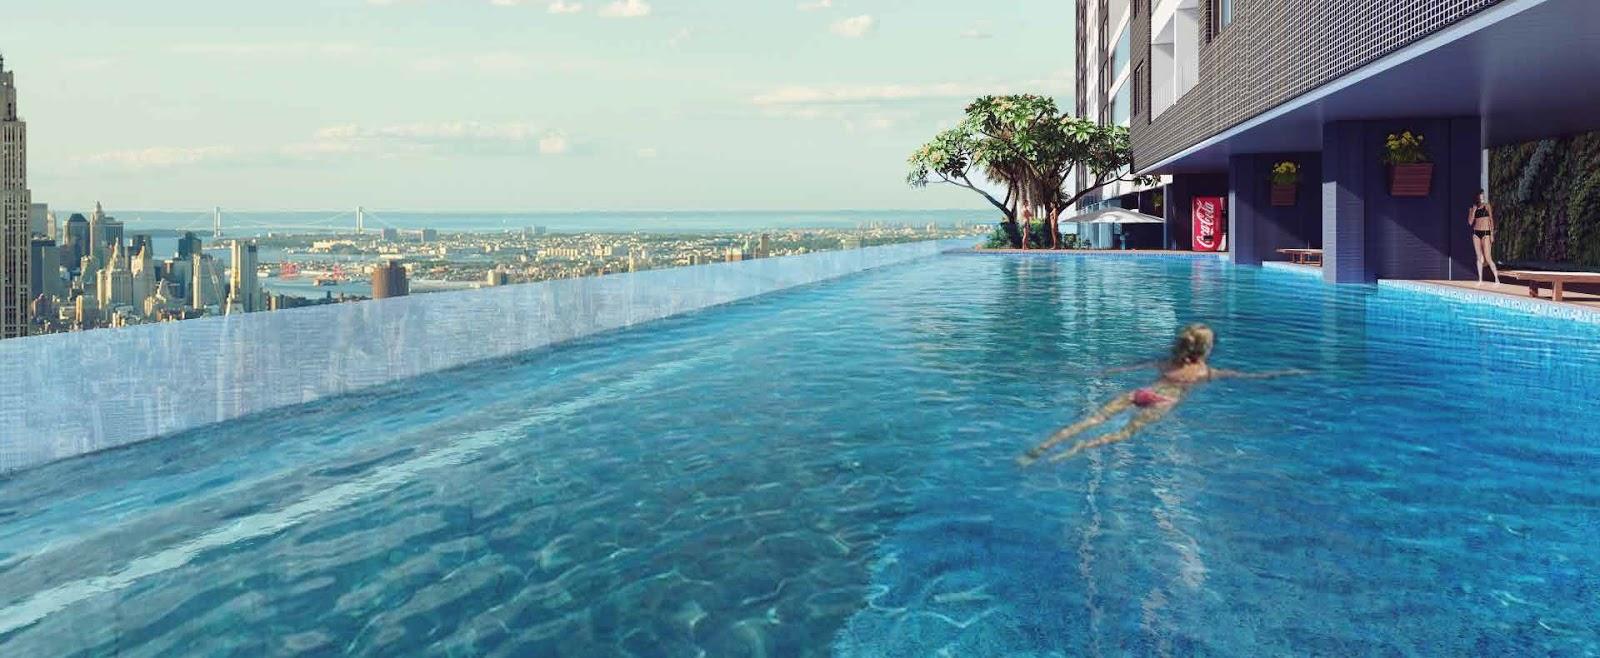 Bể bơi bốn mùa tại chung cư Golden Palm